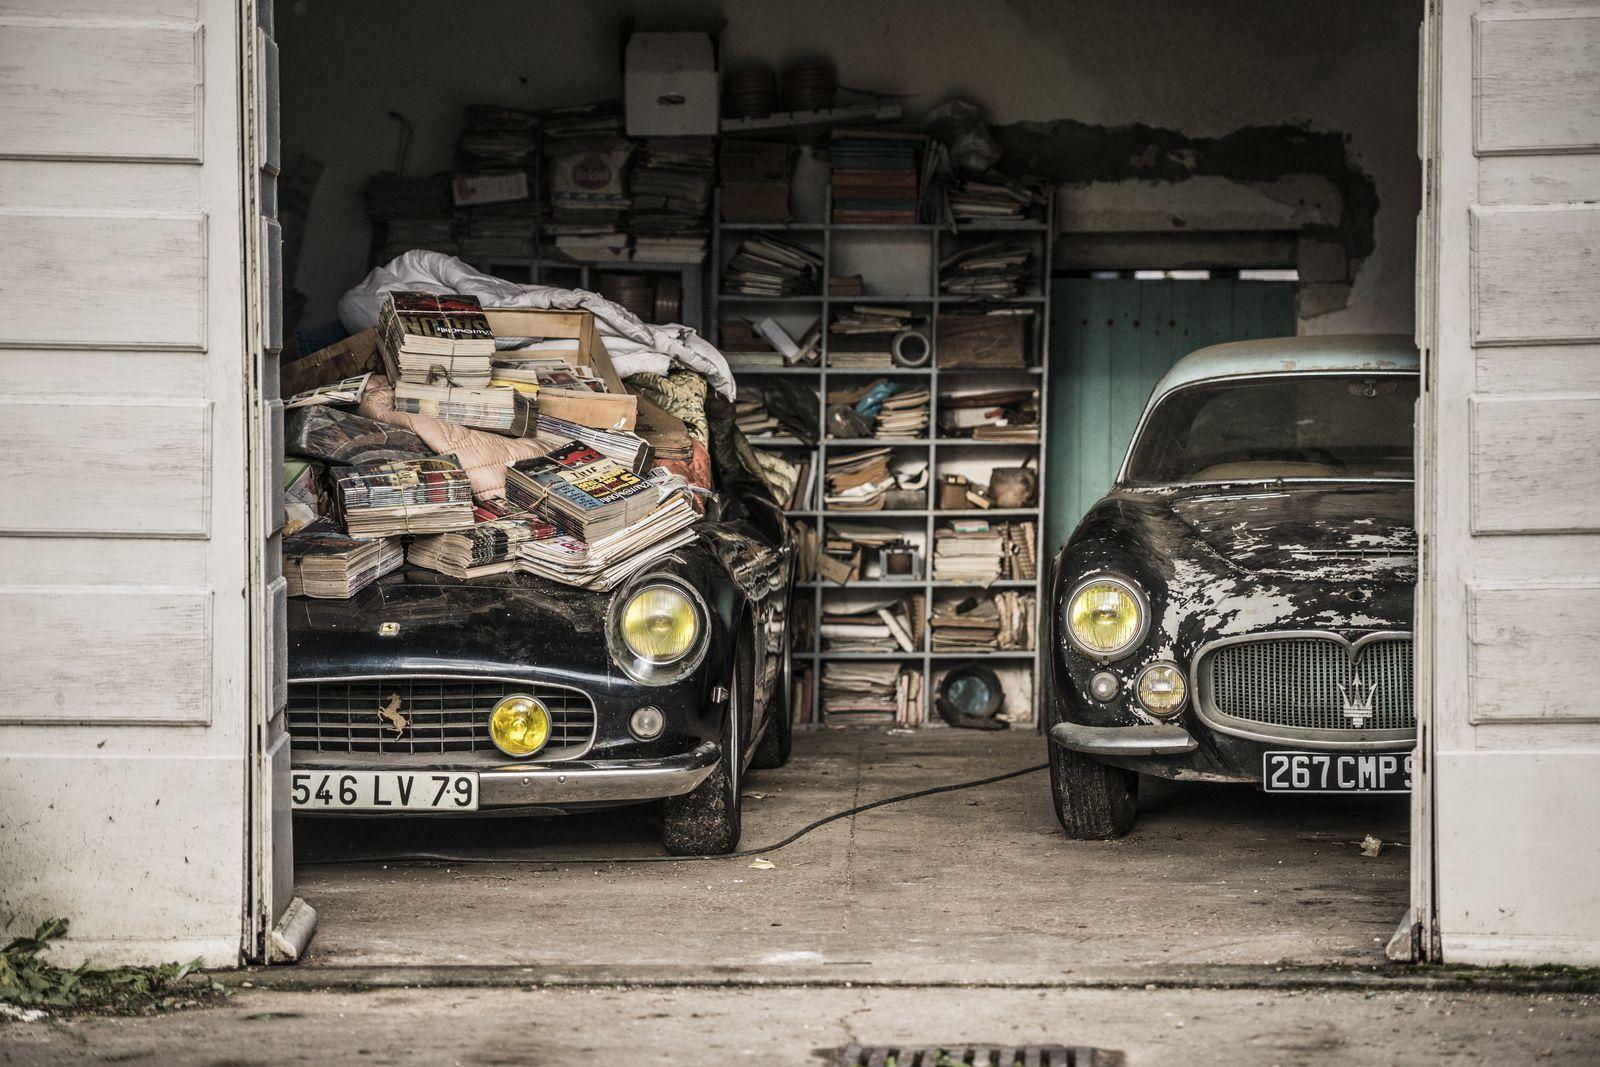 1961 Ferrari 250 GT SWB California Spider Chassis 2935 - Ex Alain Delon & 1956Maserati A6G 2000 Gran Sport Berlinetta Frua